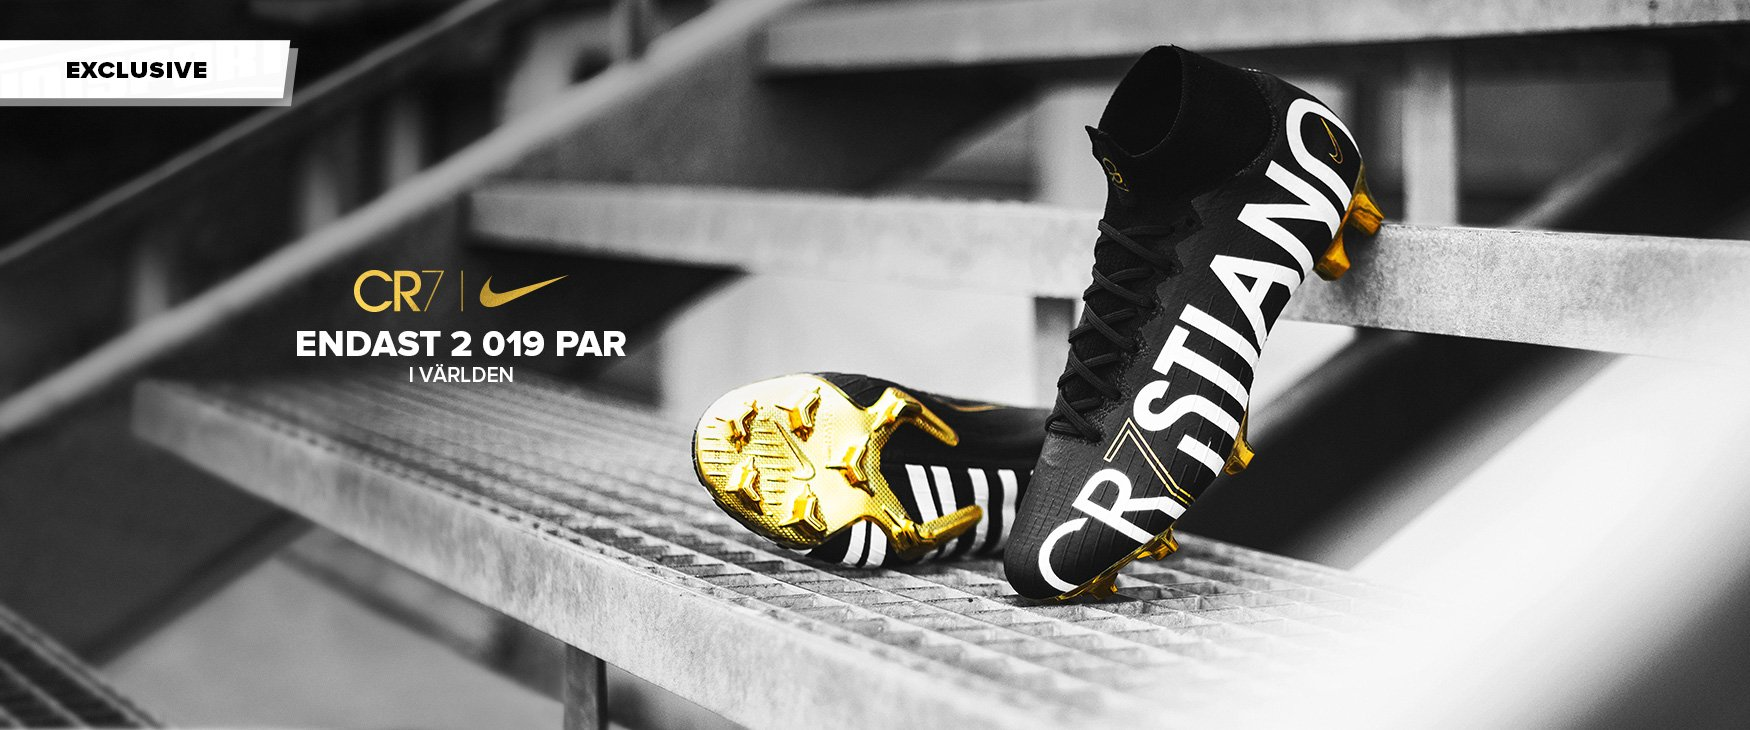 sports shoes ca1e4 437f5 Unisportstore.se - Fotbollsskor och Fotbollströjor online